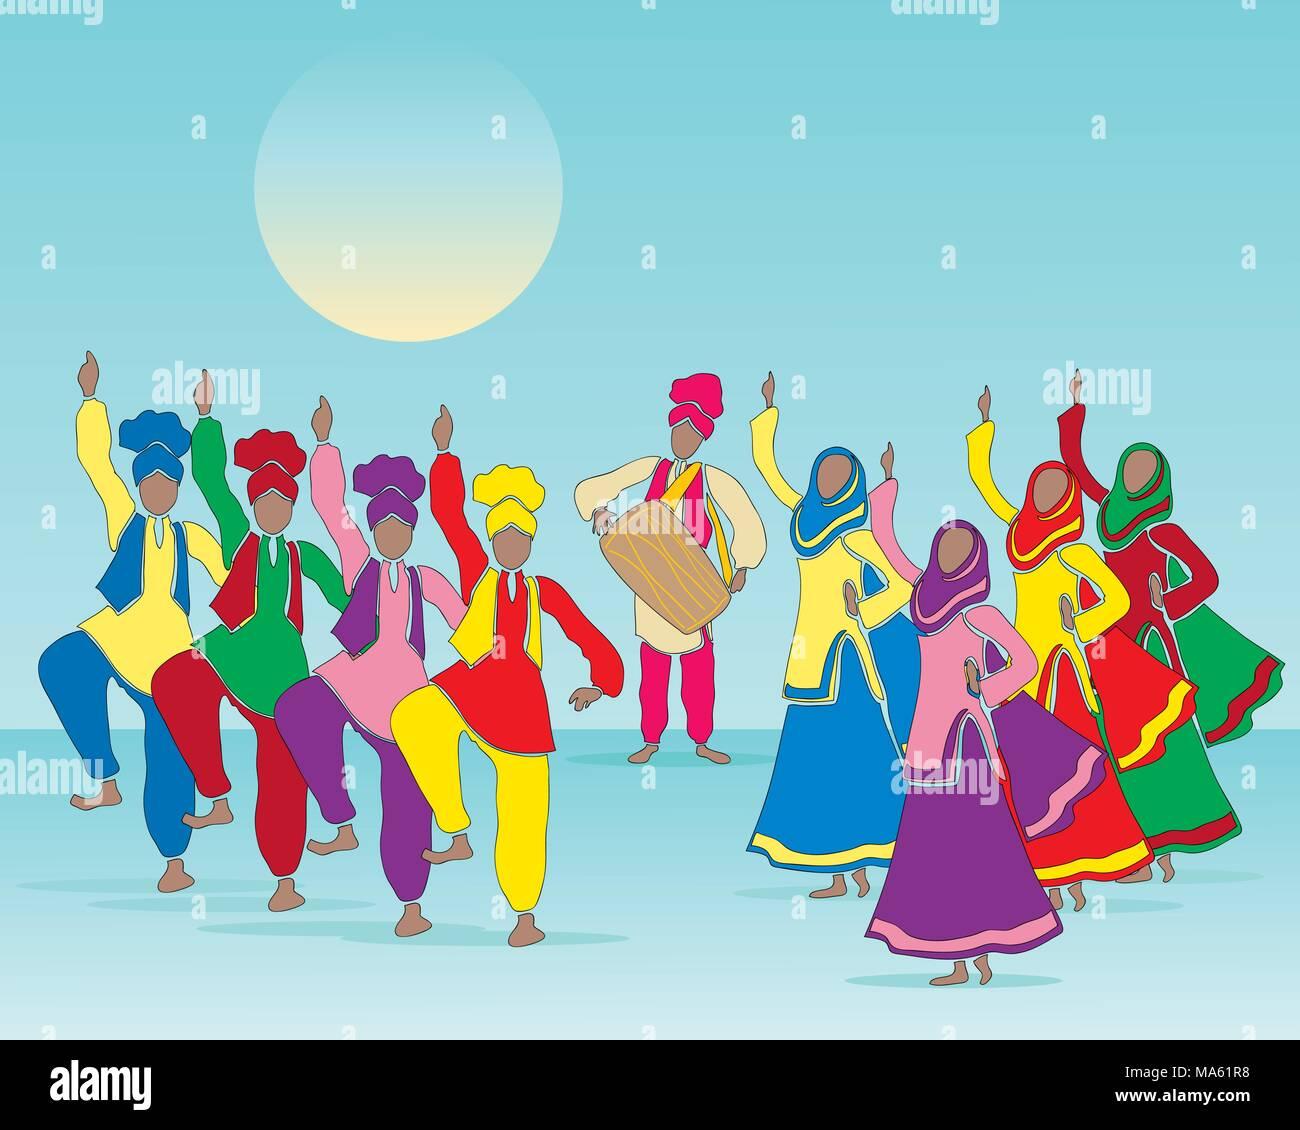 Una illustrazione vettoriale in formato eps formato 10 di un Punjabi folk dance con gli uomini e le donne in abito tradizionale e musicista in un azzurro sfondo verde Immagini Stock